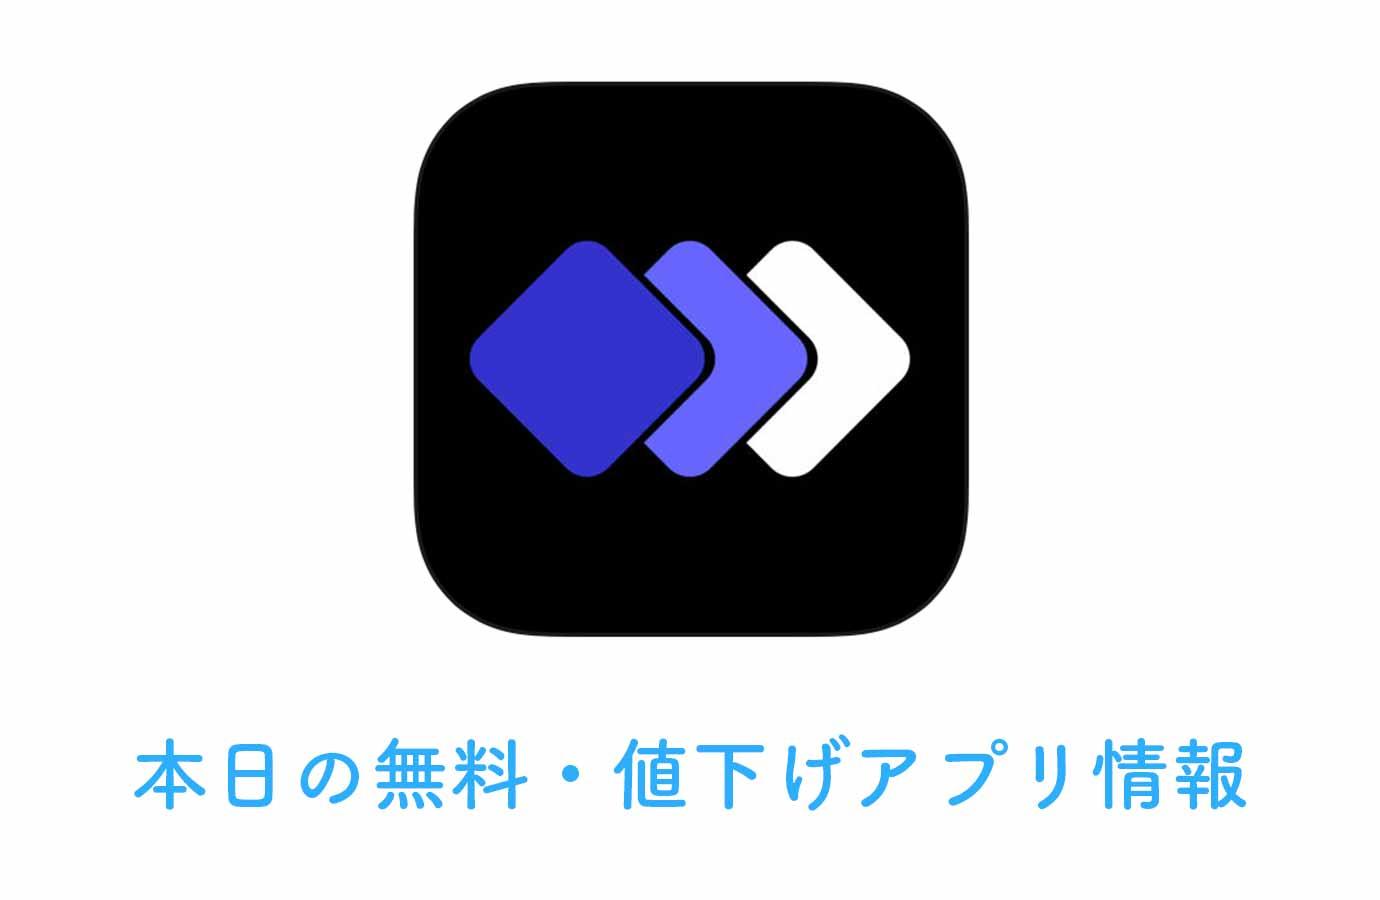 【480円→無料】フィルターを組み合わせて独自のプリセットが作れる画像編集アプリ「Preset」など【3/1】本日の無料・値下げアプリ情報